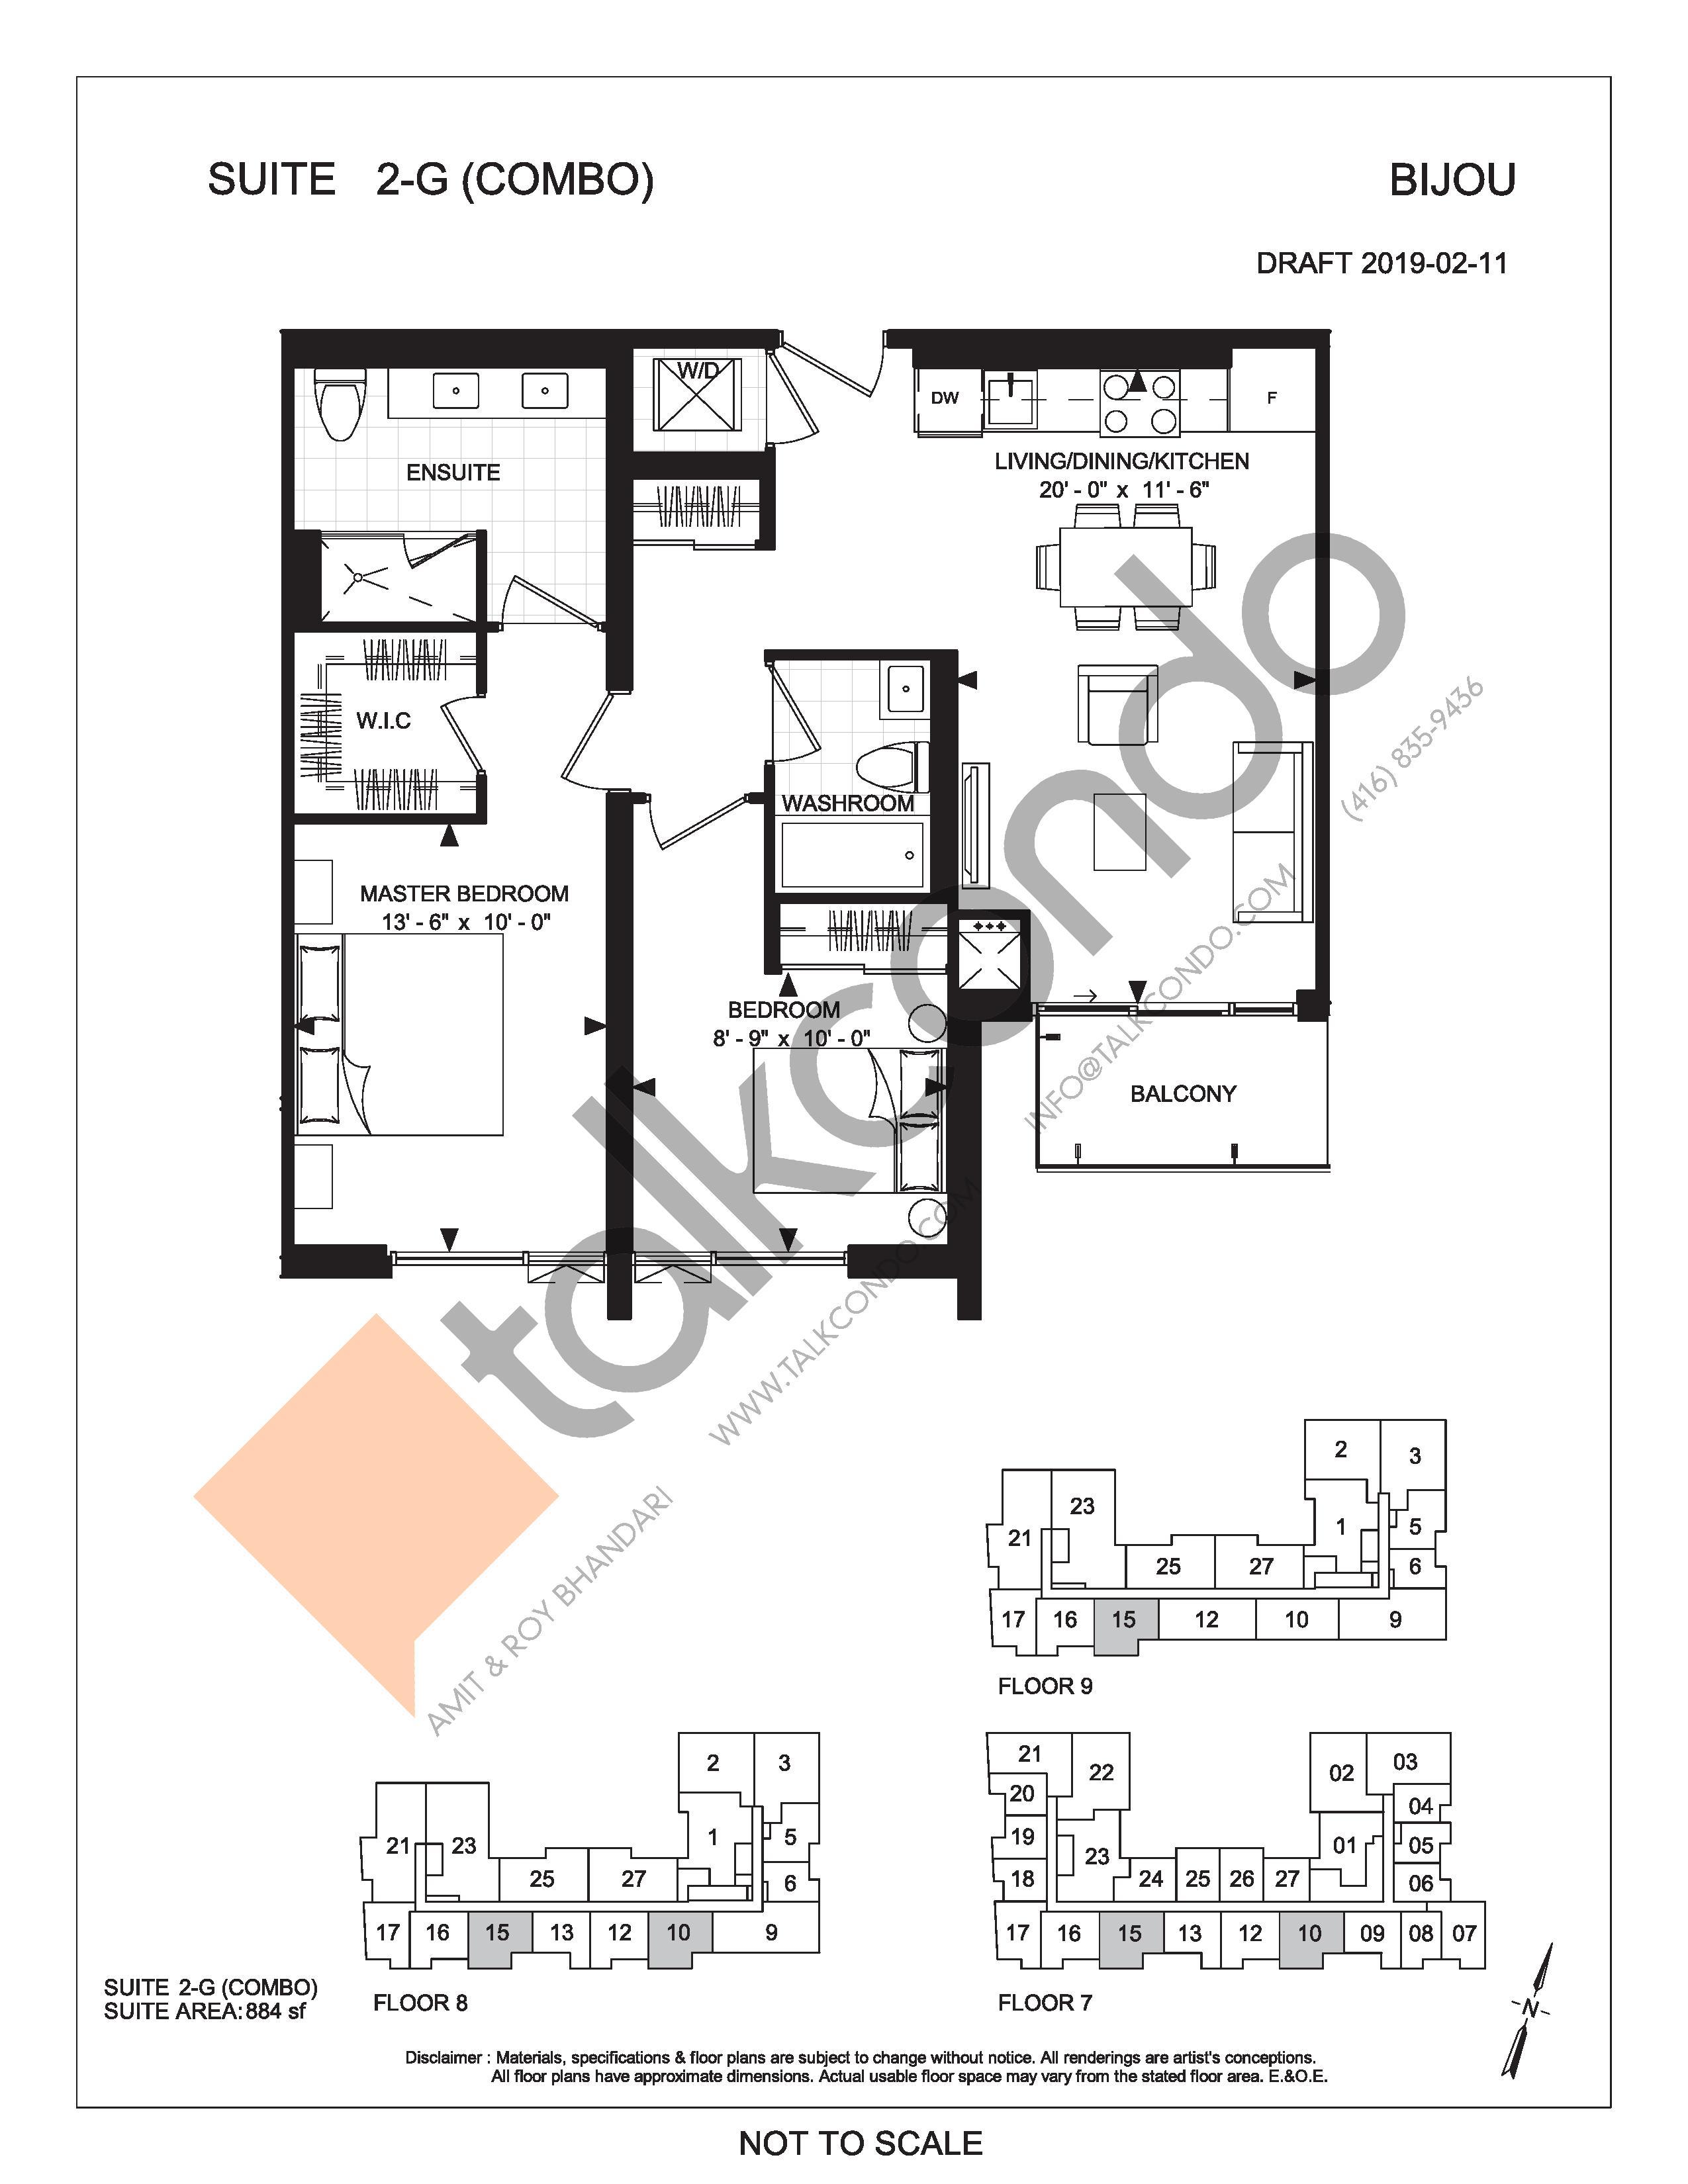 Suite 2-G (Combo) Floor Plan at Bijou On Bloor Condos - 884 sq.ft